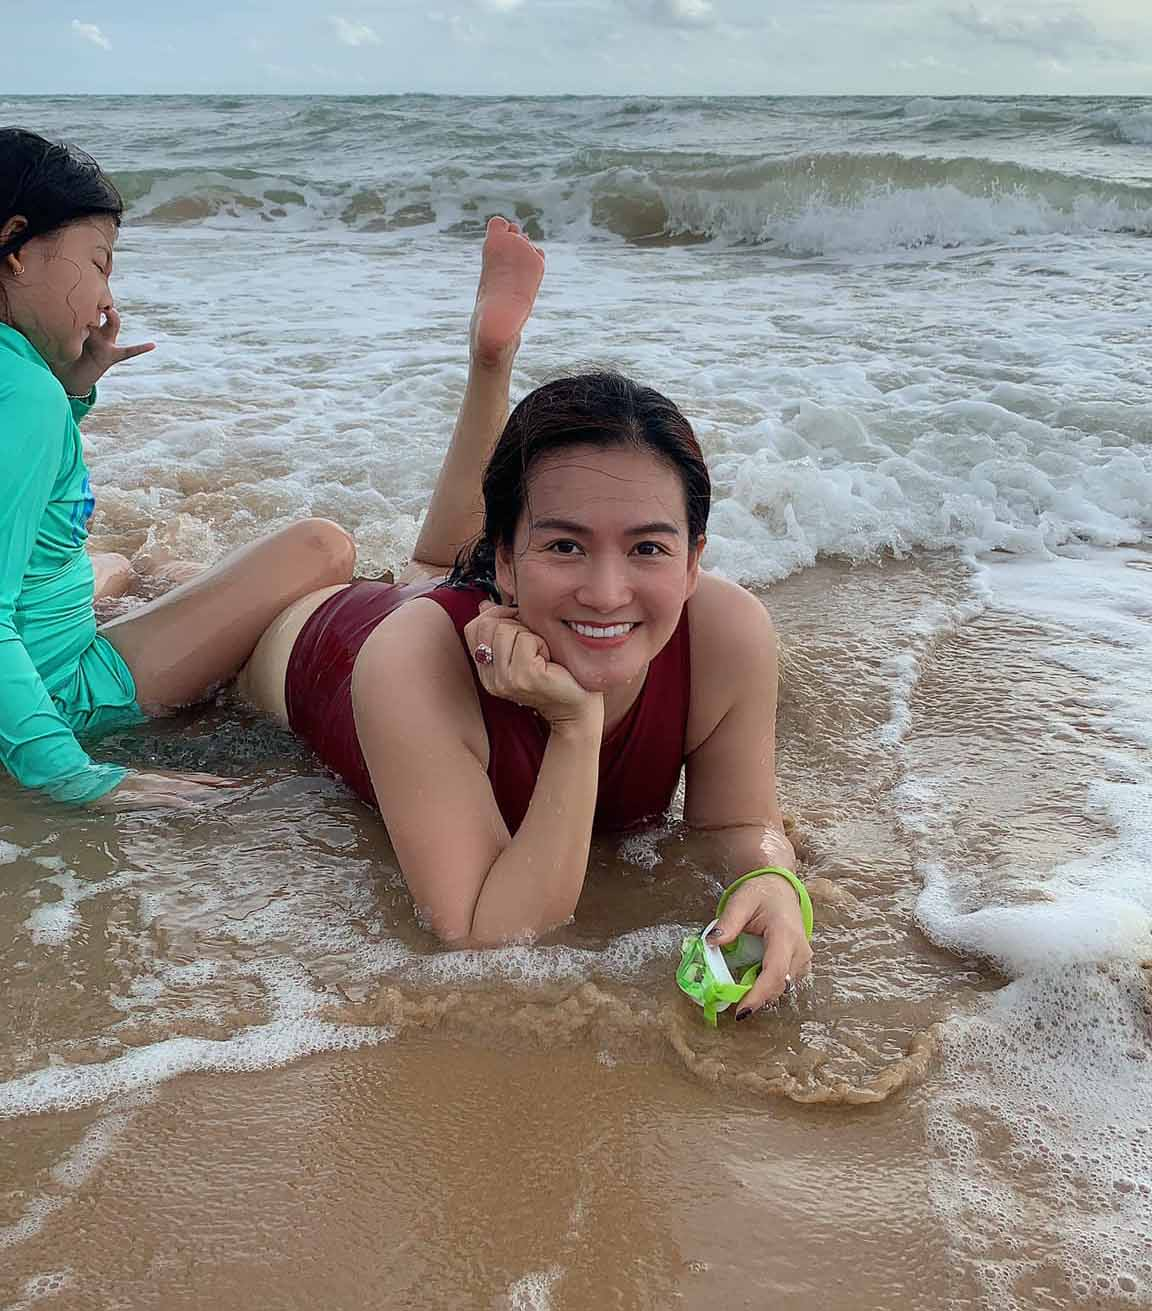 Vợ đại gia của siêu mẫu Bình Minh chăm tập luyện, U50 vẫn nuột nà - ảnh 5